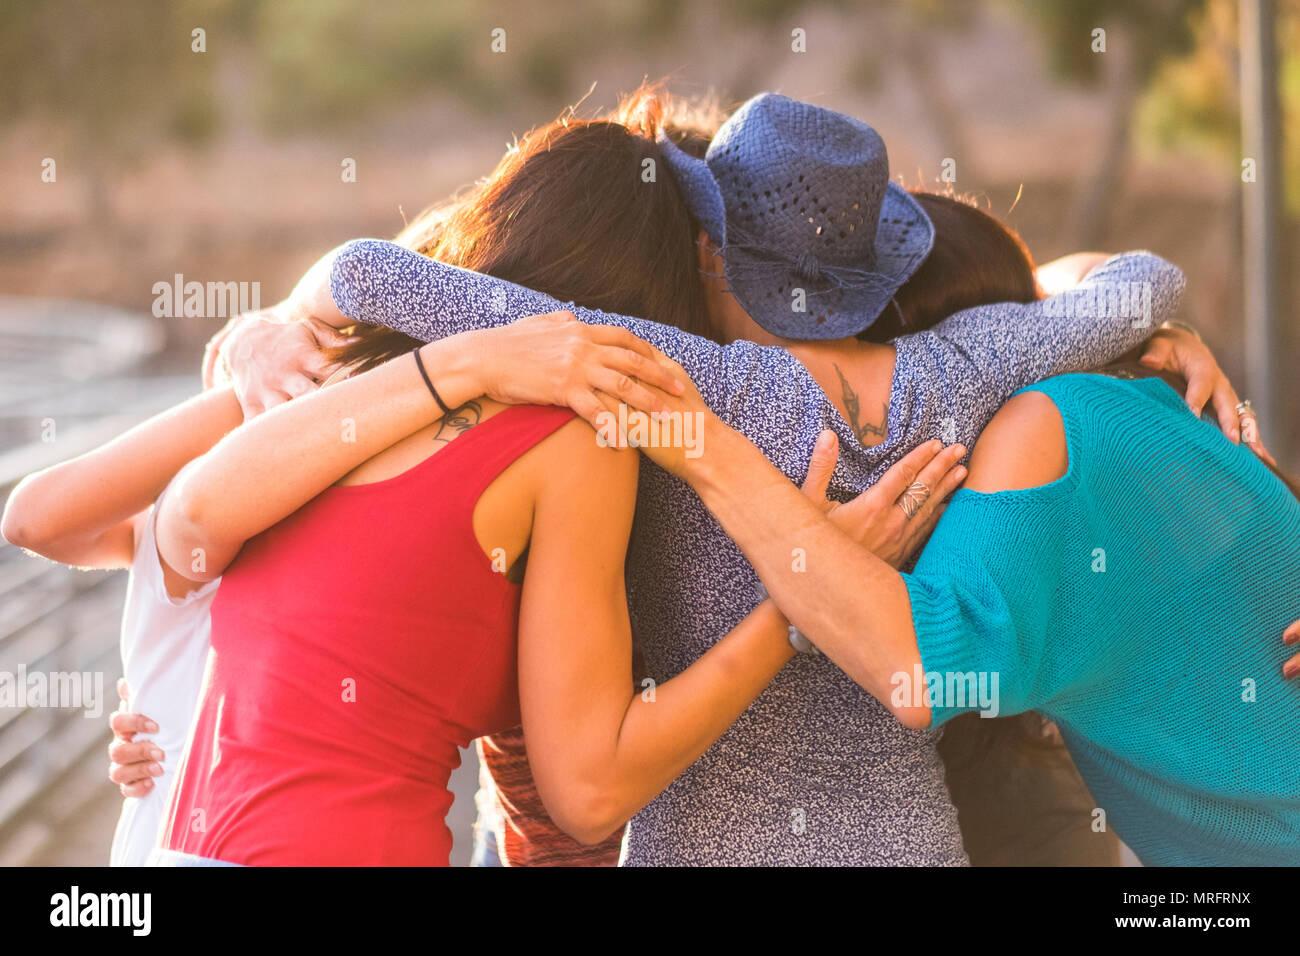 Union alle zusammen wie ein Arbeiten im Team und der Gruppe der Freunde Weibchen 7 schöne Frauen umarmen alle zusammen unter dem Sonnenlicht und Sonnenuntergang für Freundschaft und r Stockbild